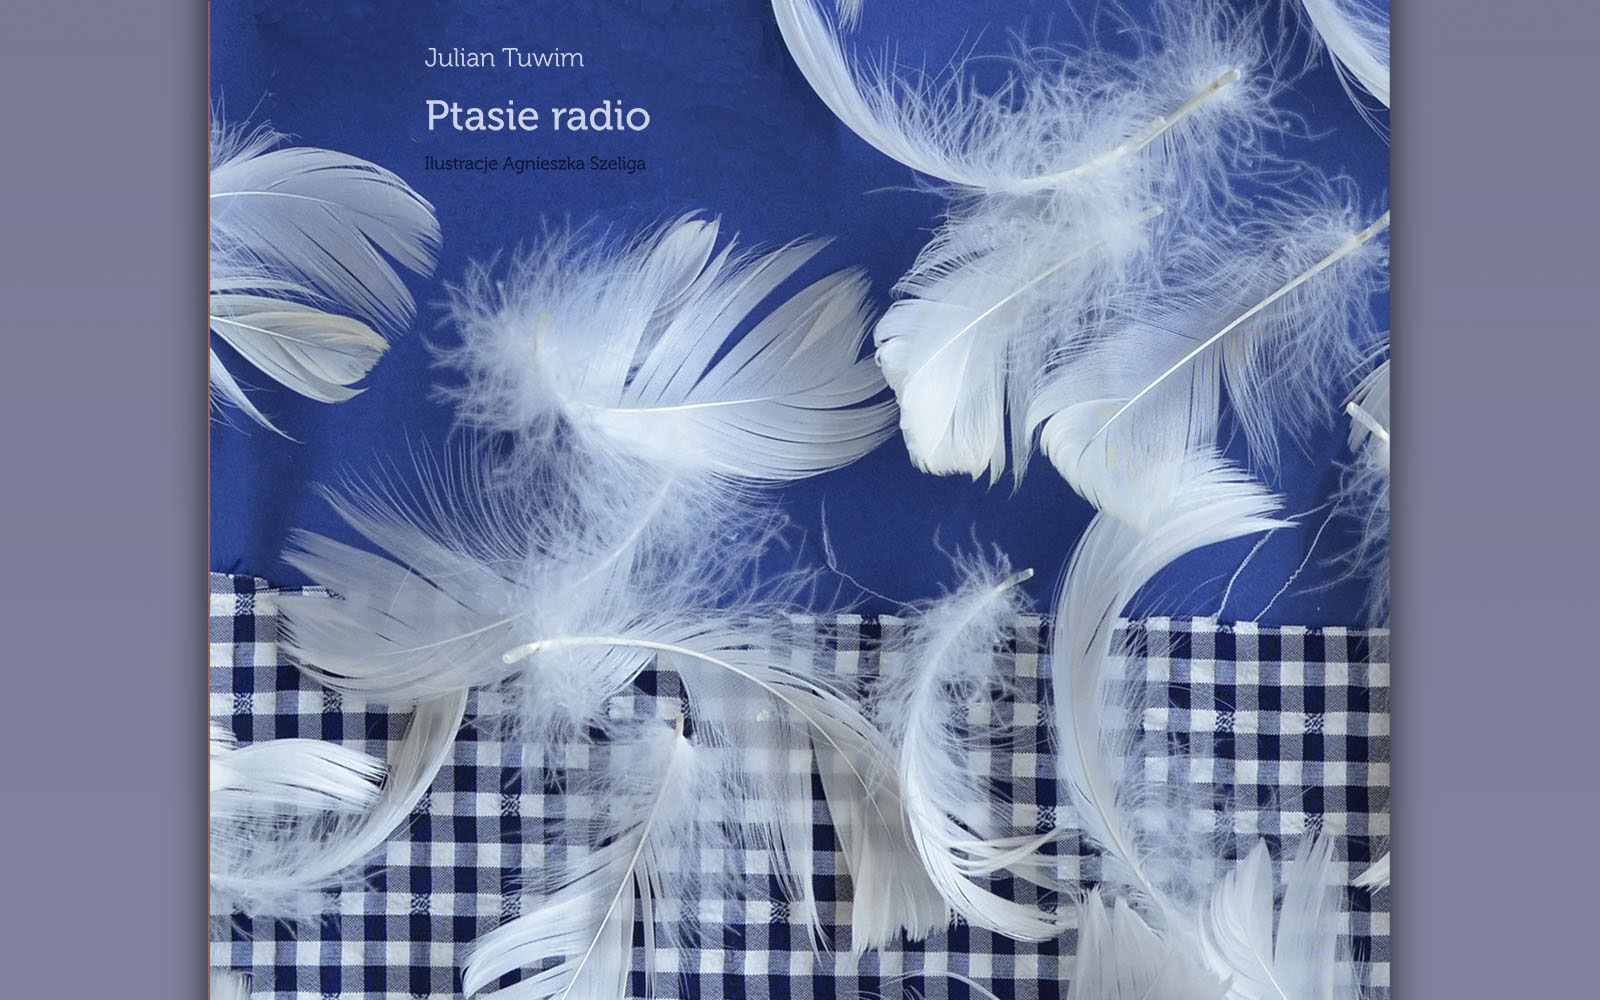 Projekt Książeczki Ilustrującej Wiersz Ptasie Radio On